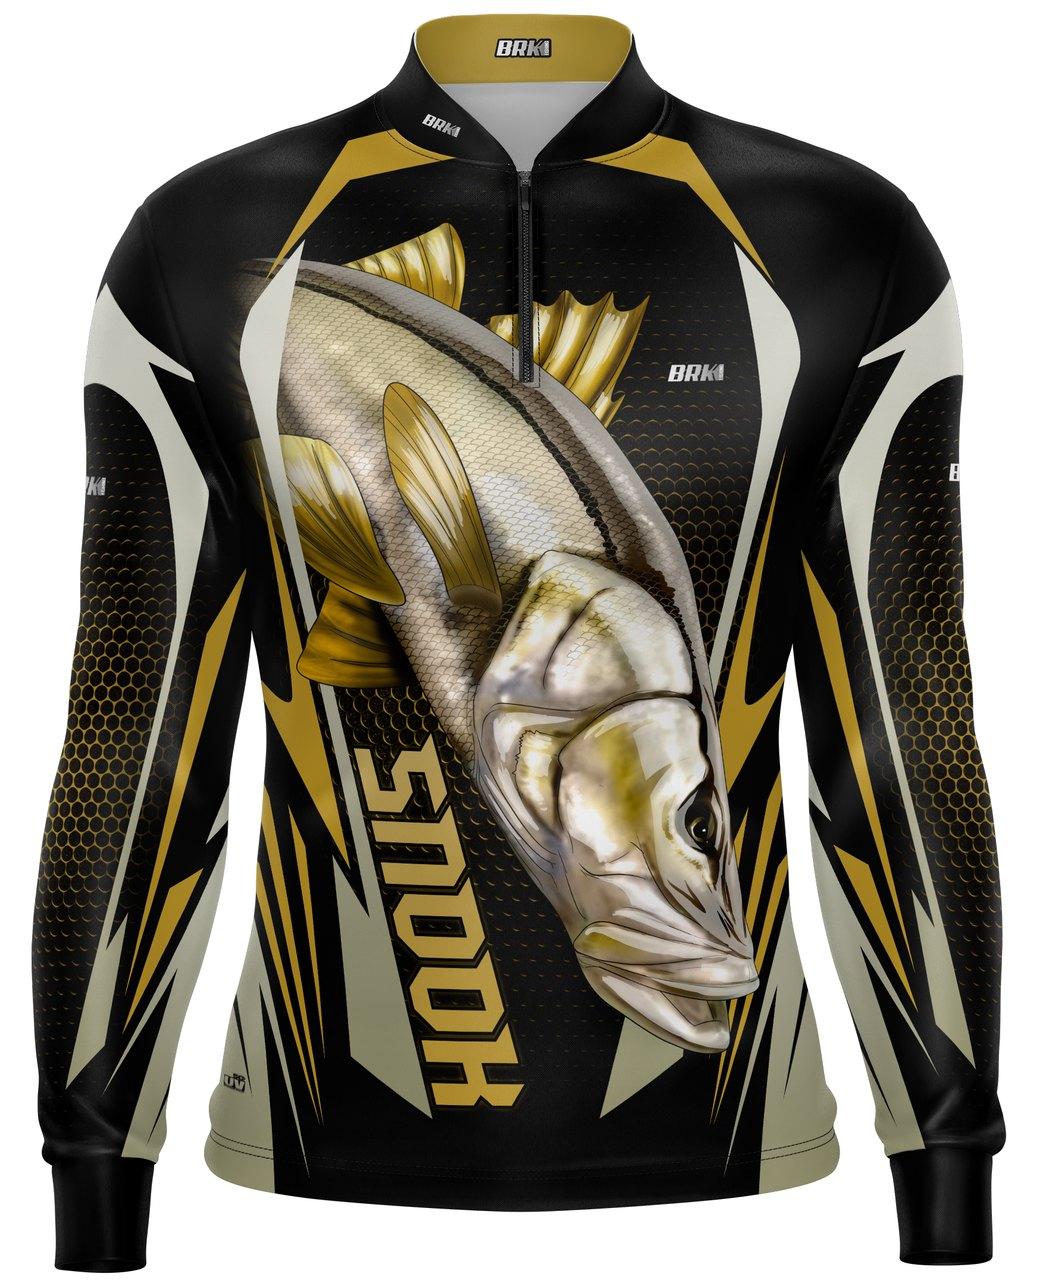 Camisa de Pesca Brk Robalo Preto com Proteção UV 50+